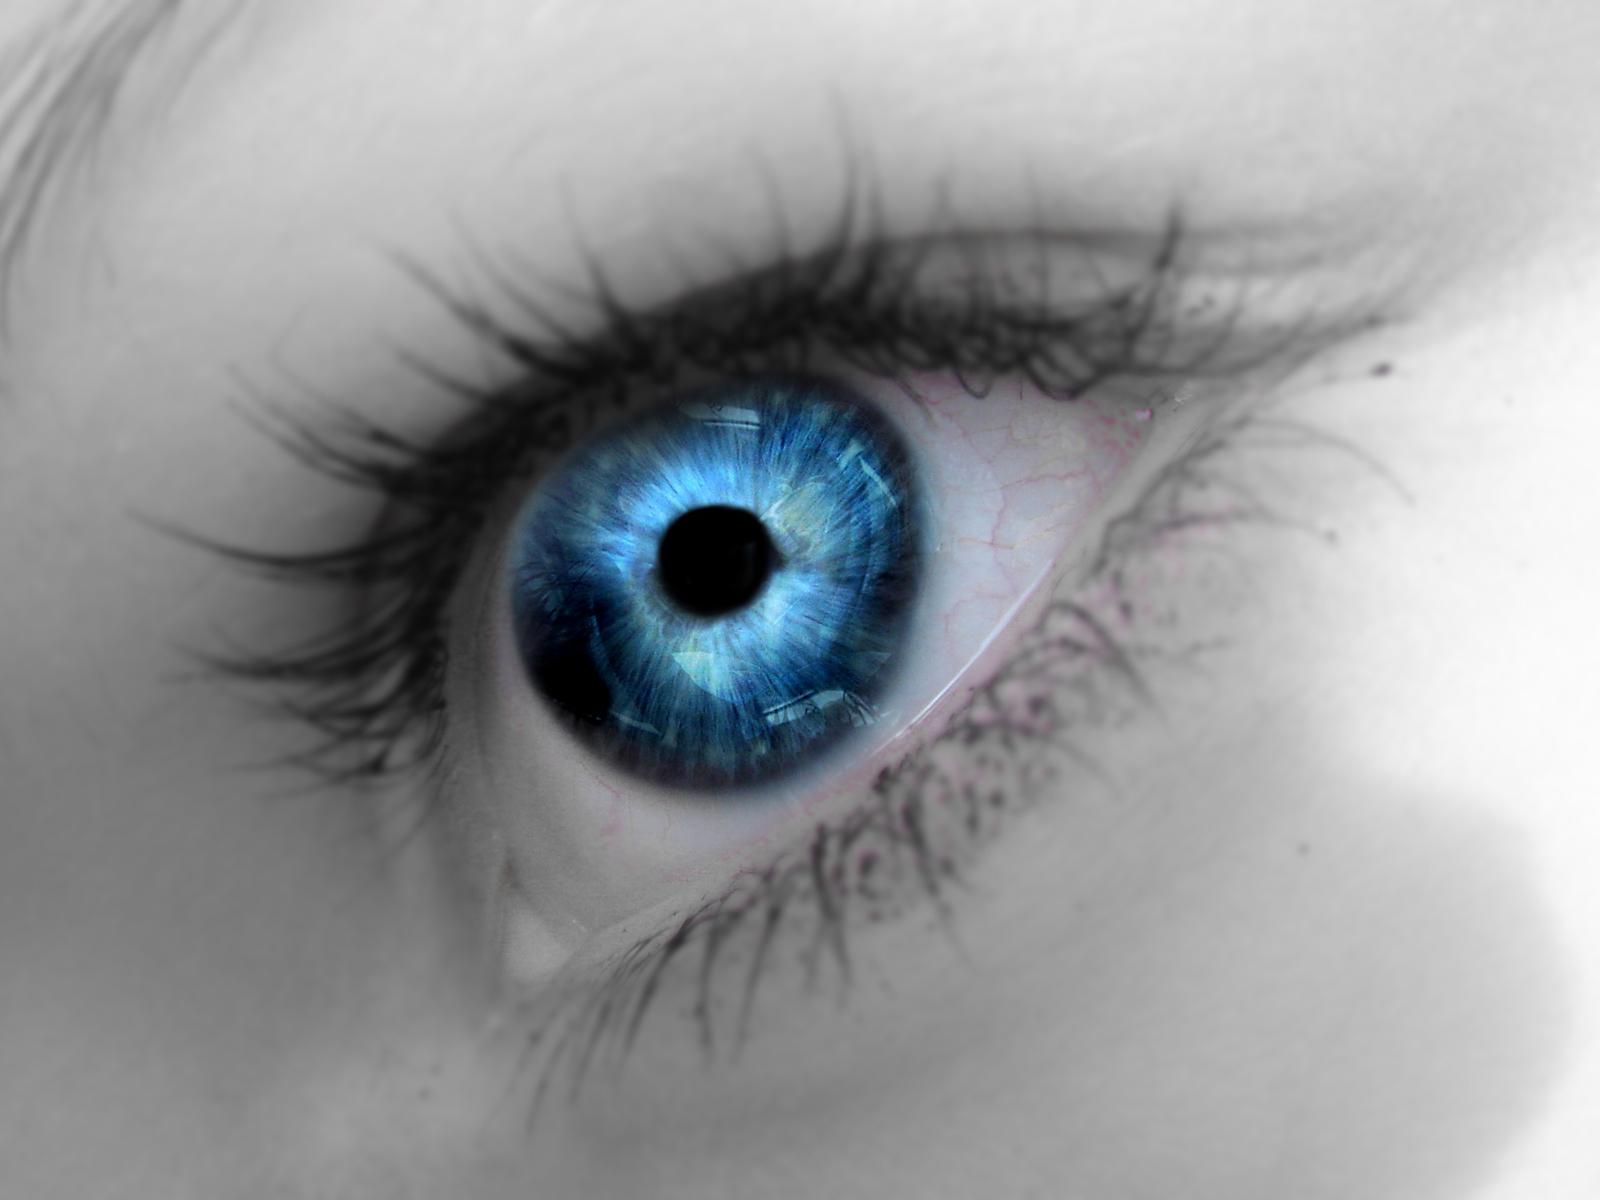 Глаза перемена цвета глаза